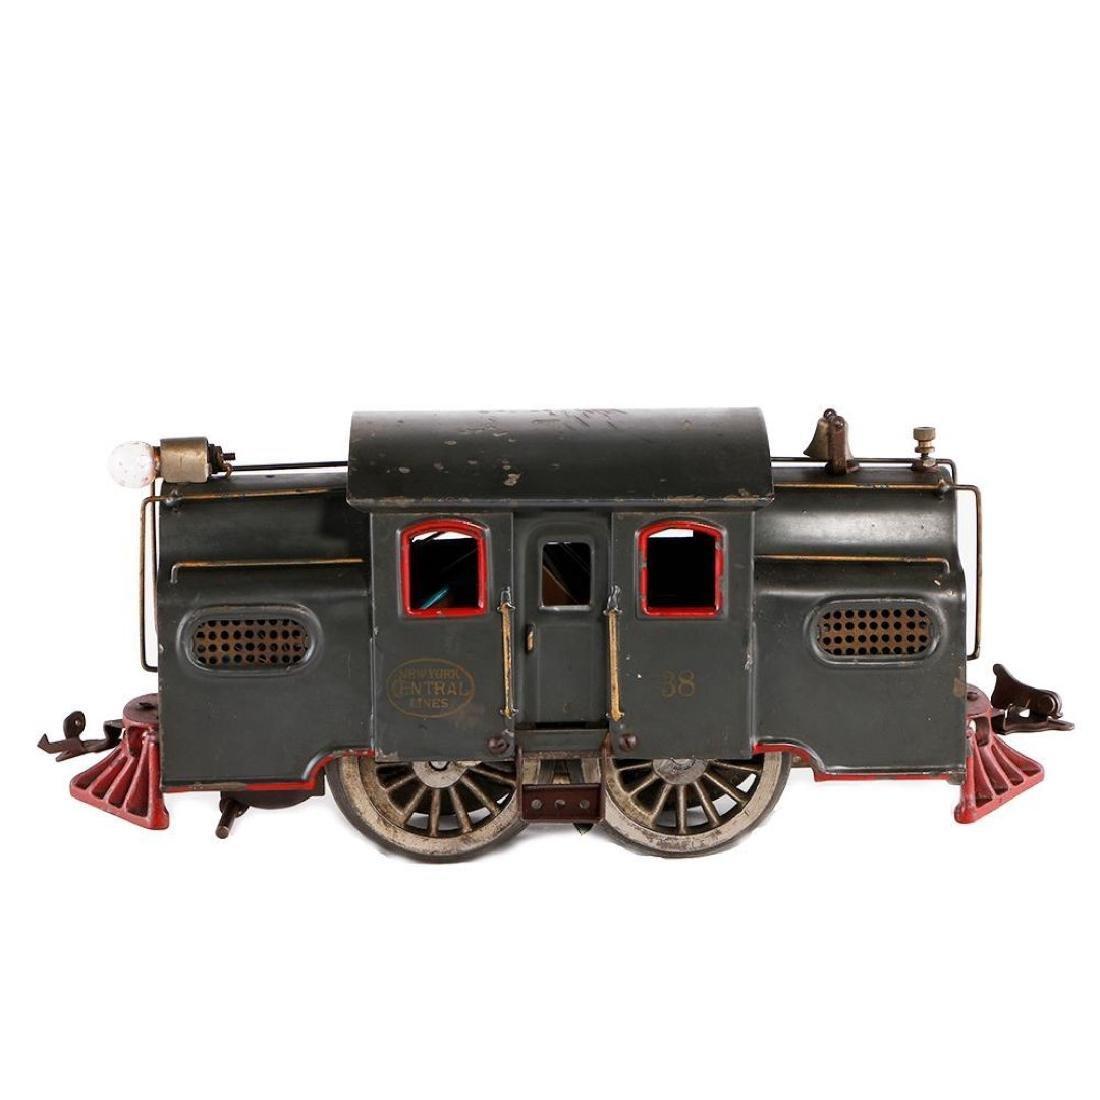 Lionel Standard Gauge 38 Locomotive, Gray